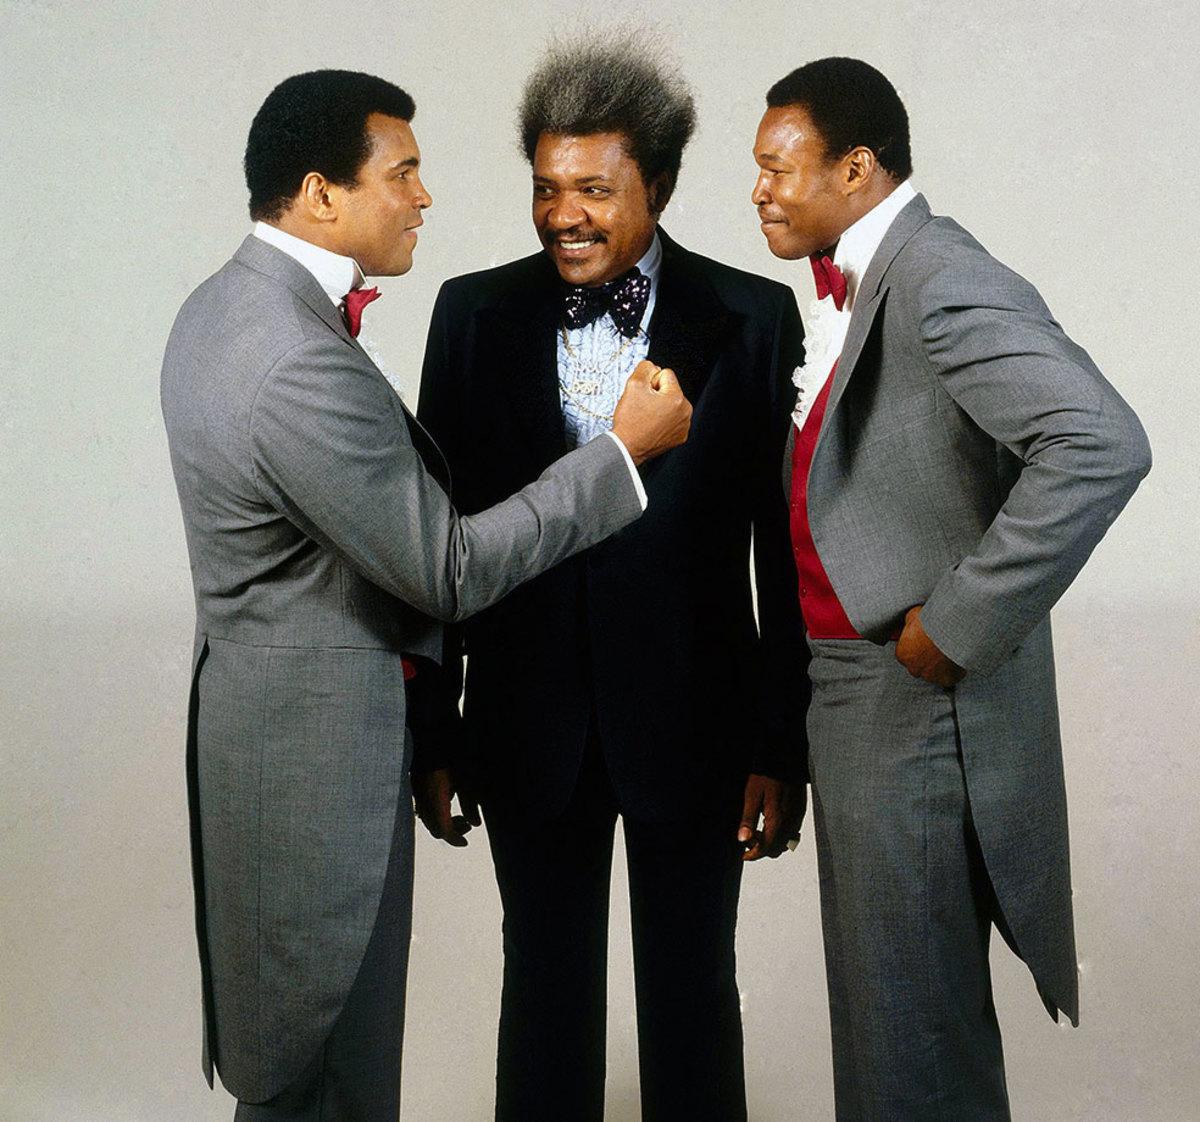 1980-Muhammad-Ali-Don-King-Larry-Holmes-079008322.jpg